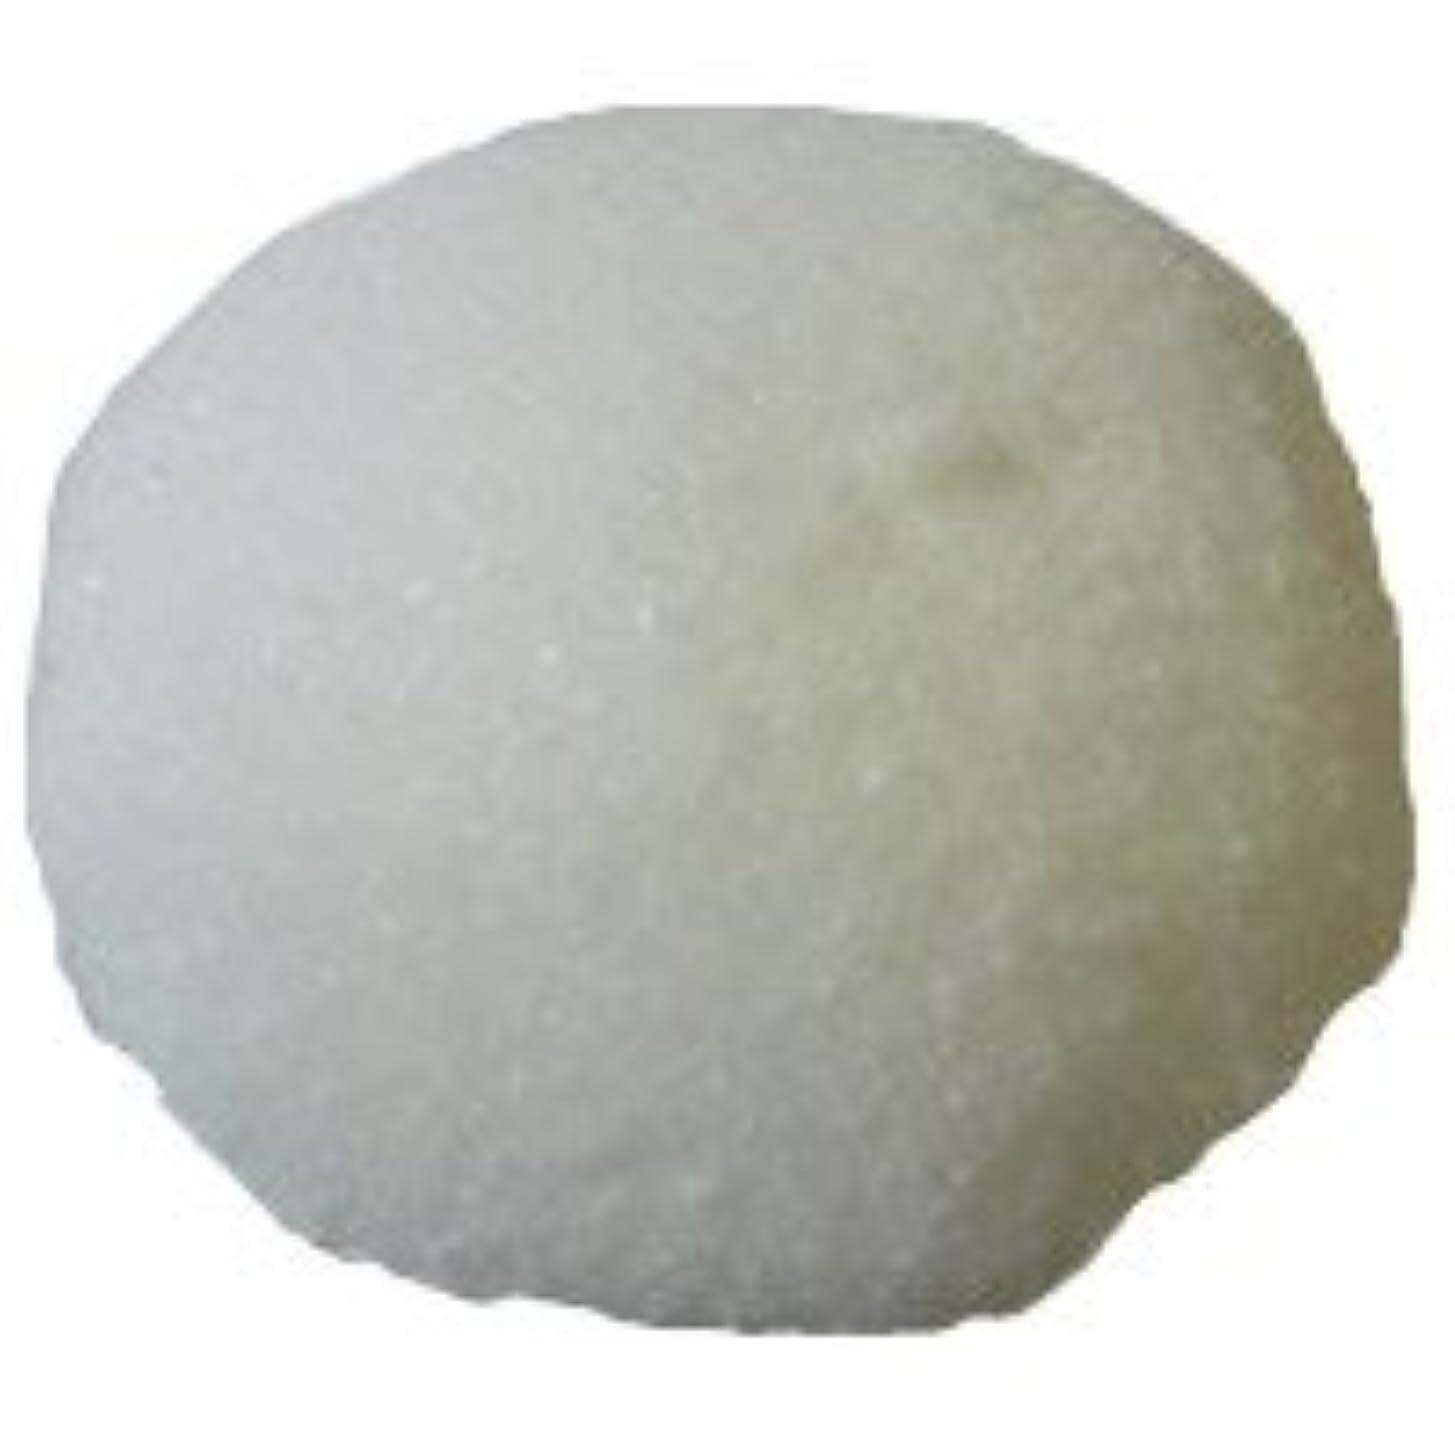 相対的メトロポリタン憂鬱カリス成城 キャンドルの素 1kg